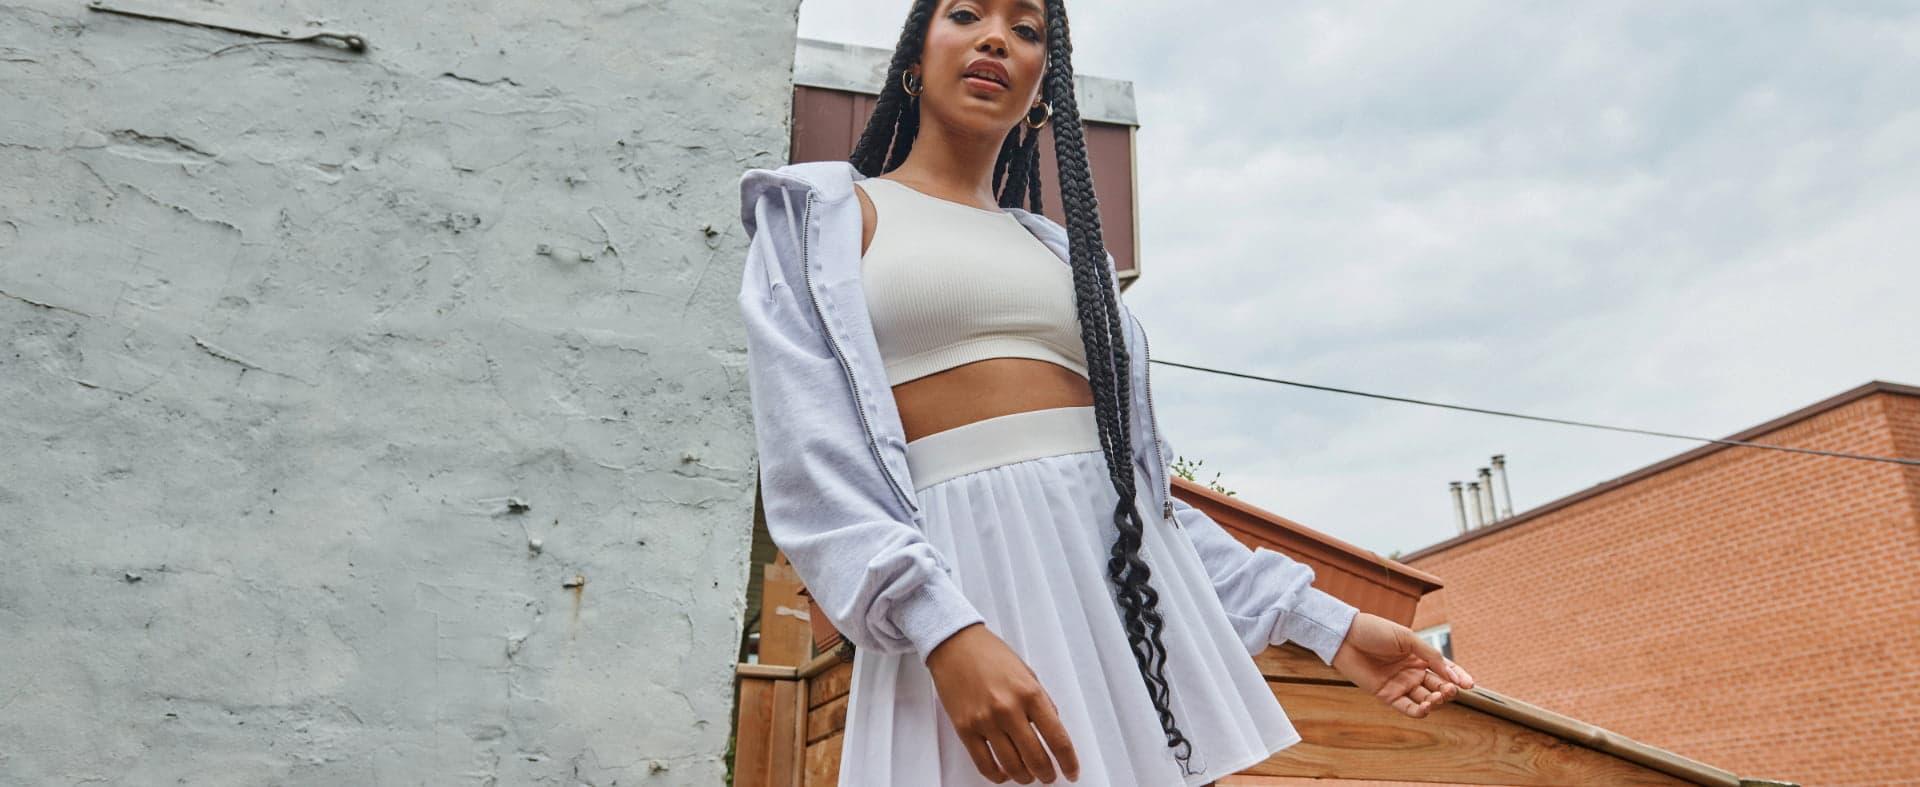 Model wearing Garage clothing.